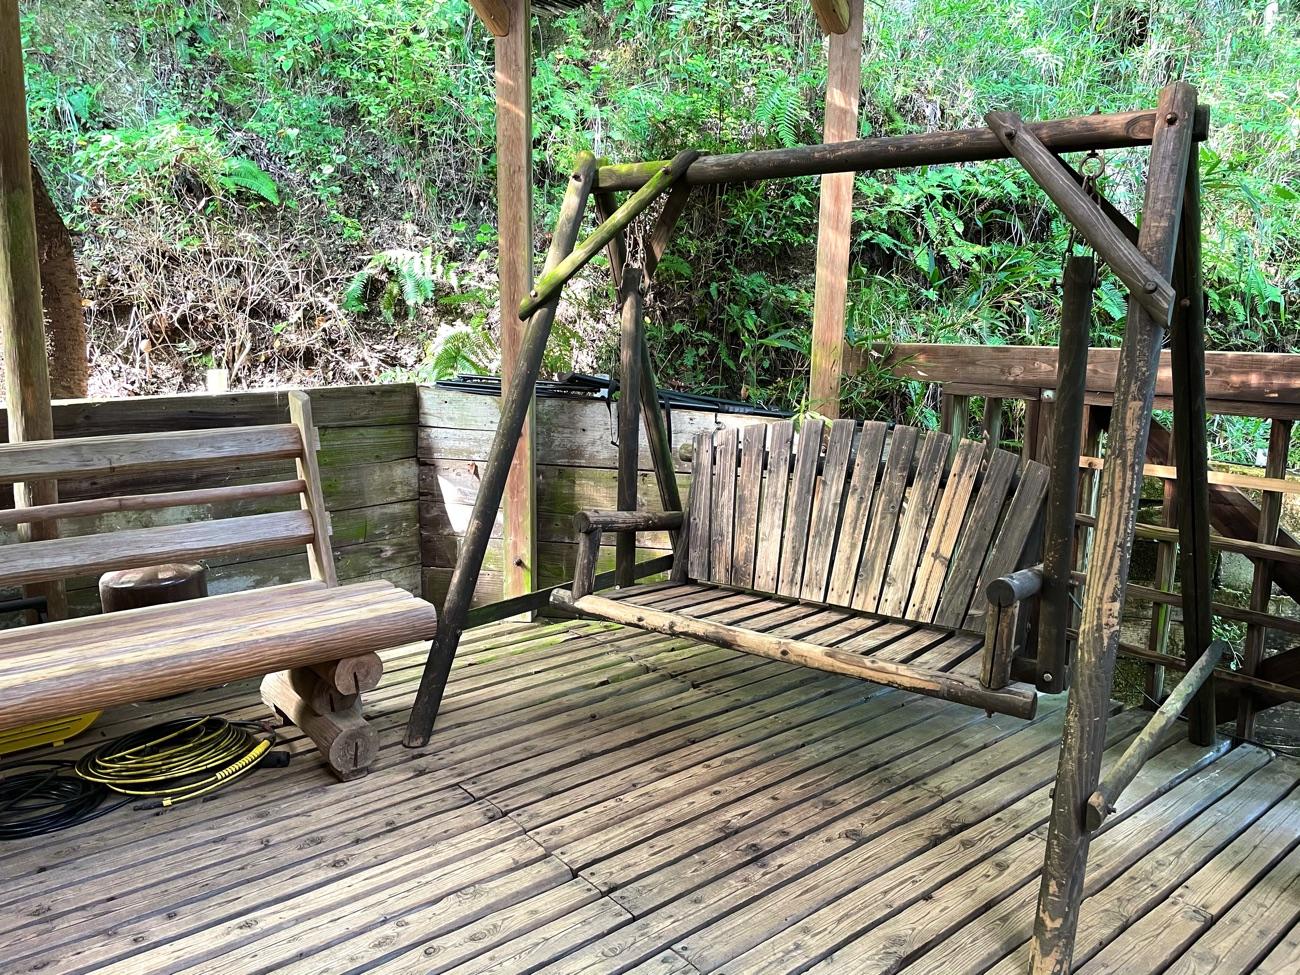 ブランコ型のベンチ